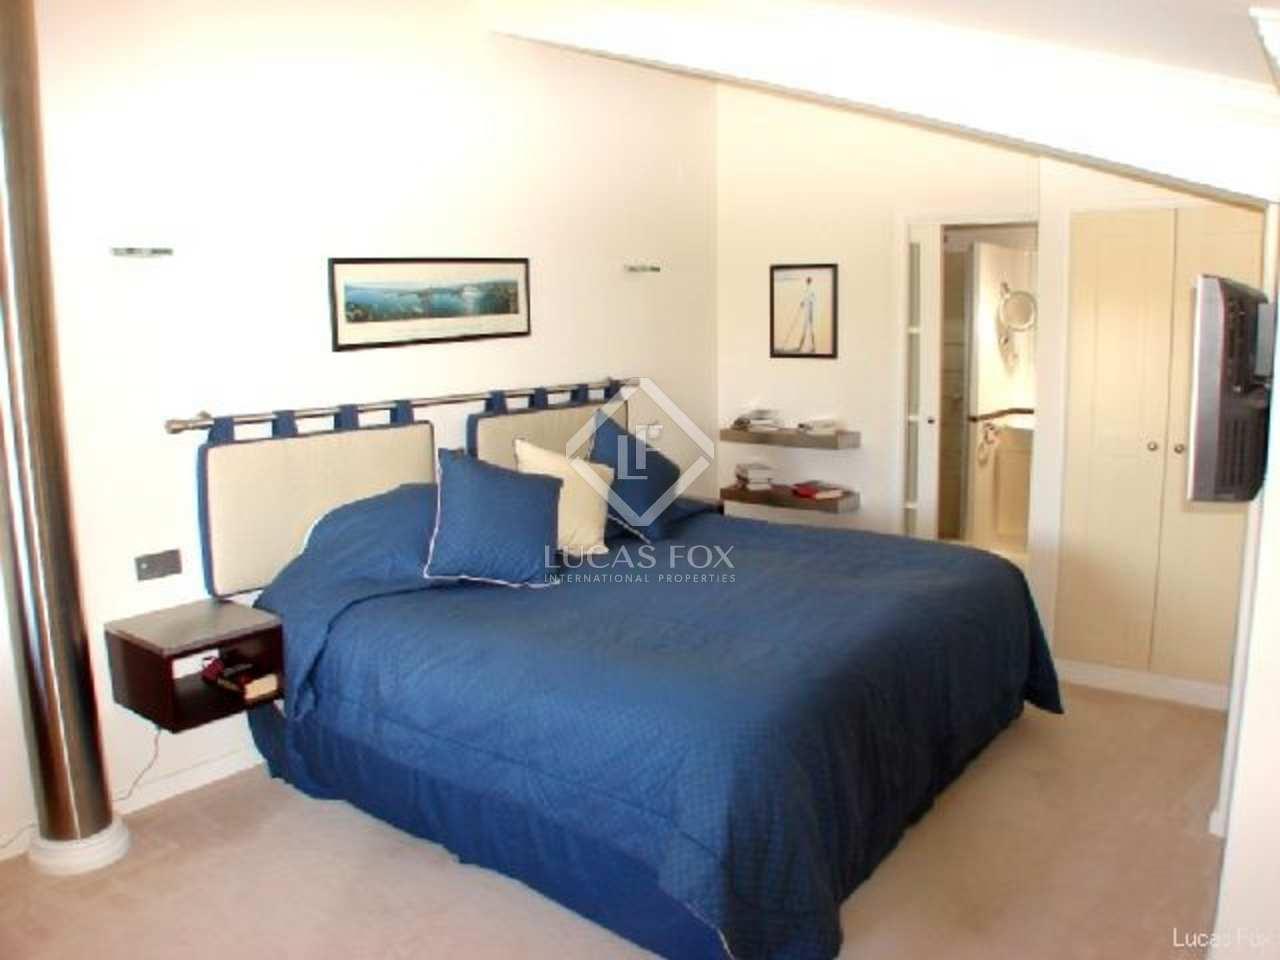 88m u00b2 Lägenhet till salu i Algarve, Portugal